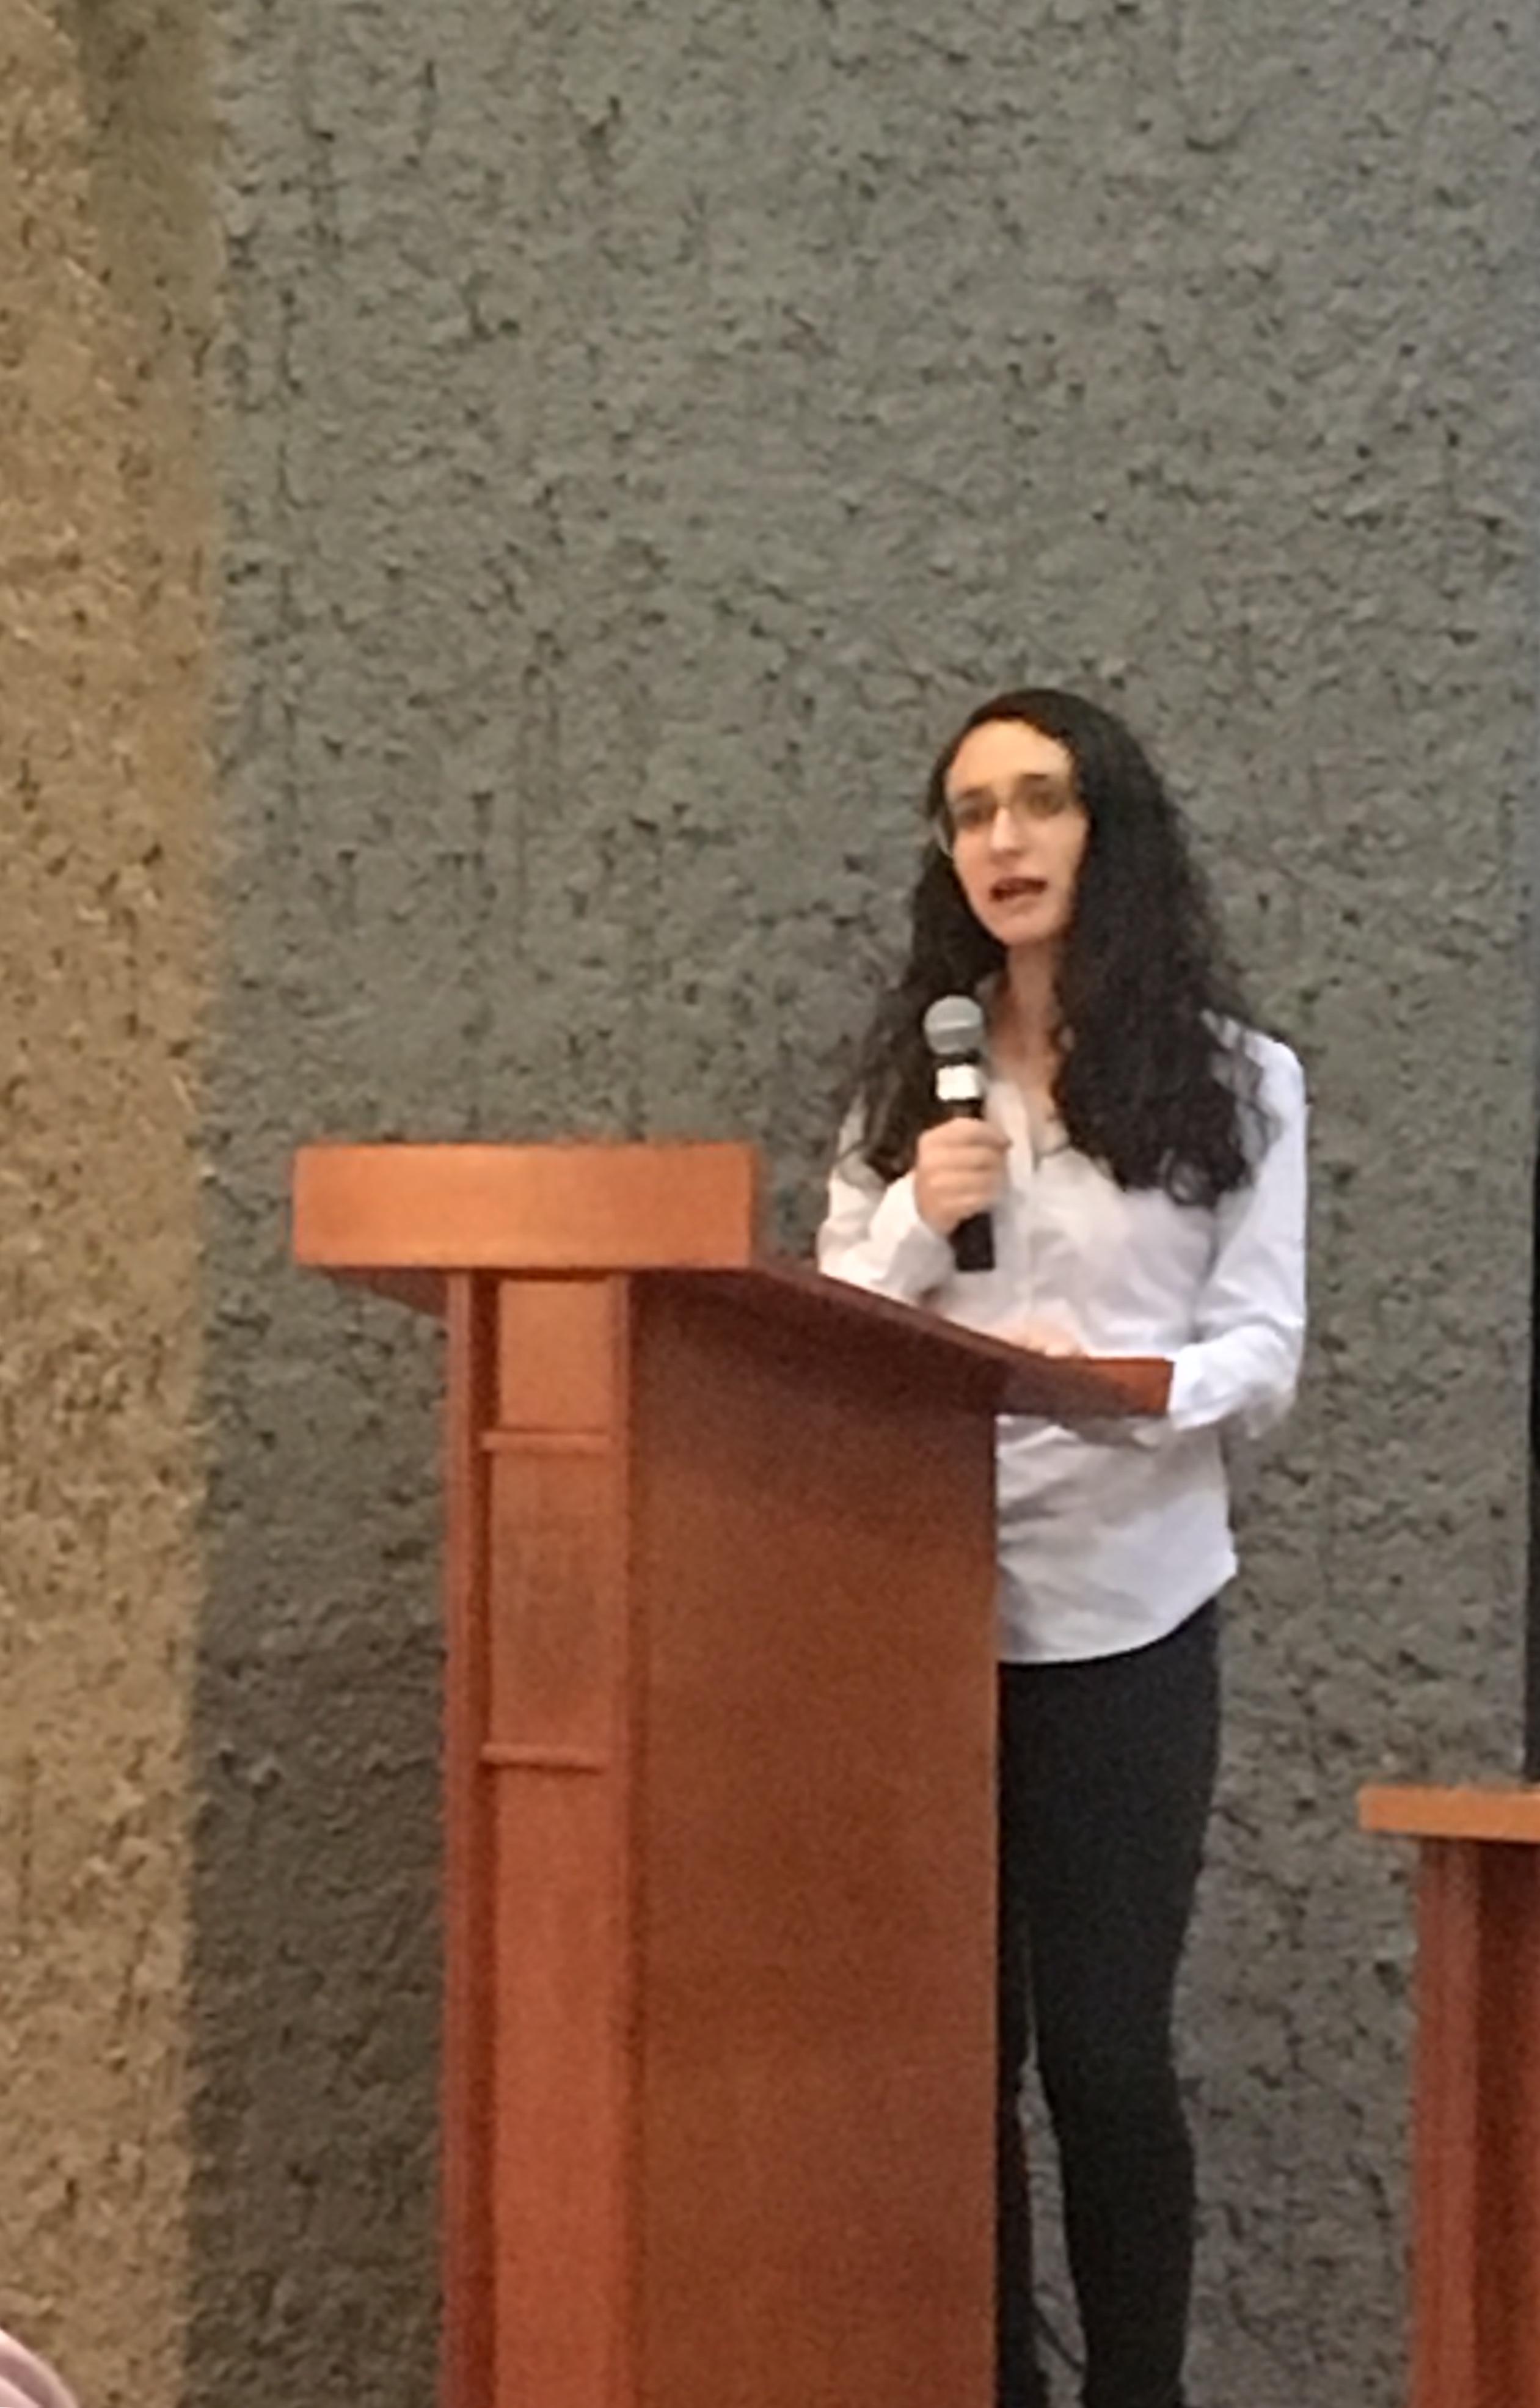 Estudiante de Medicina en el uso de la voz en el podio